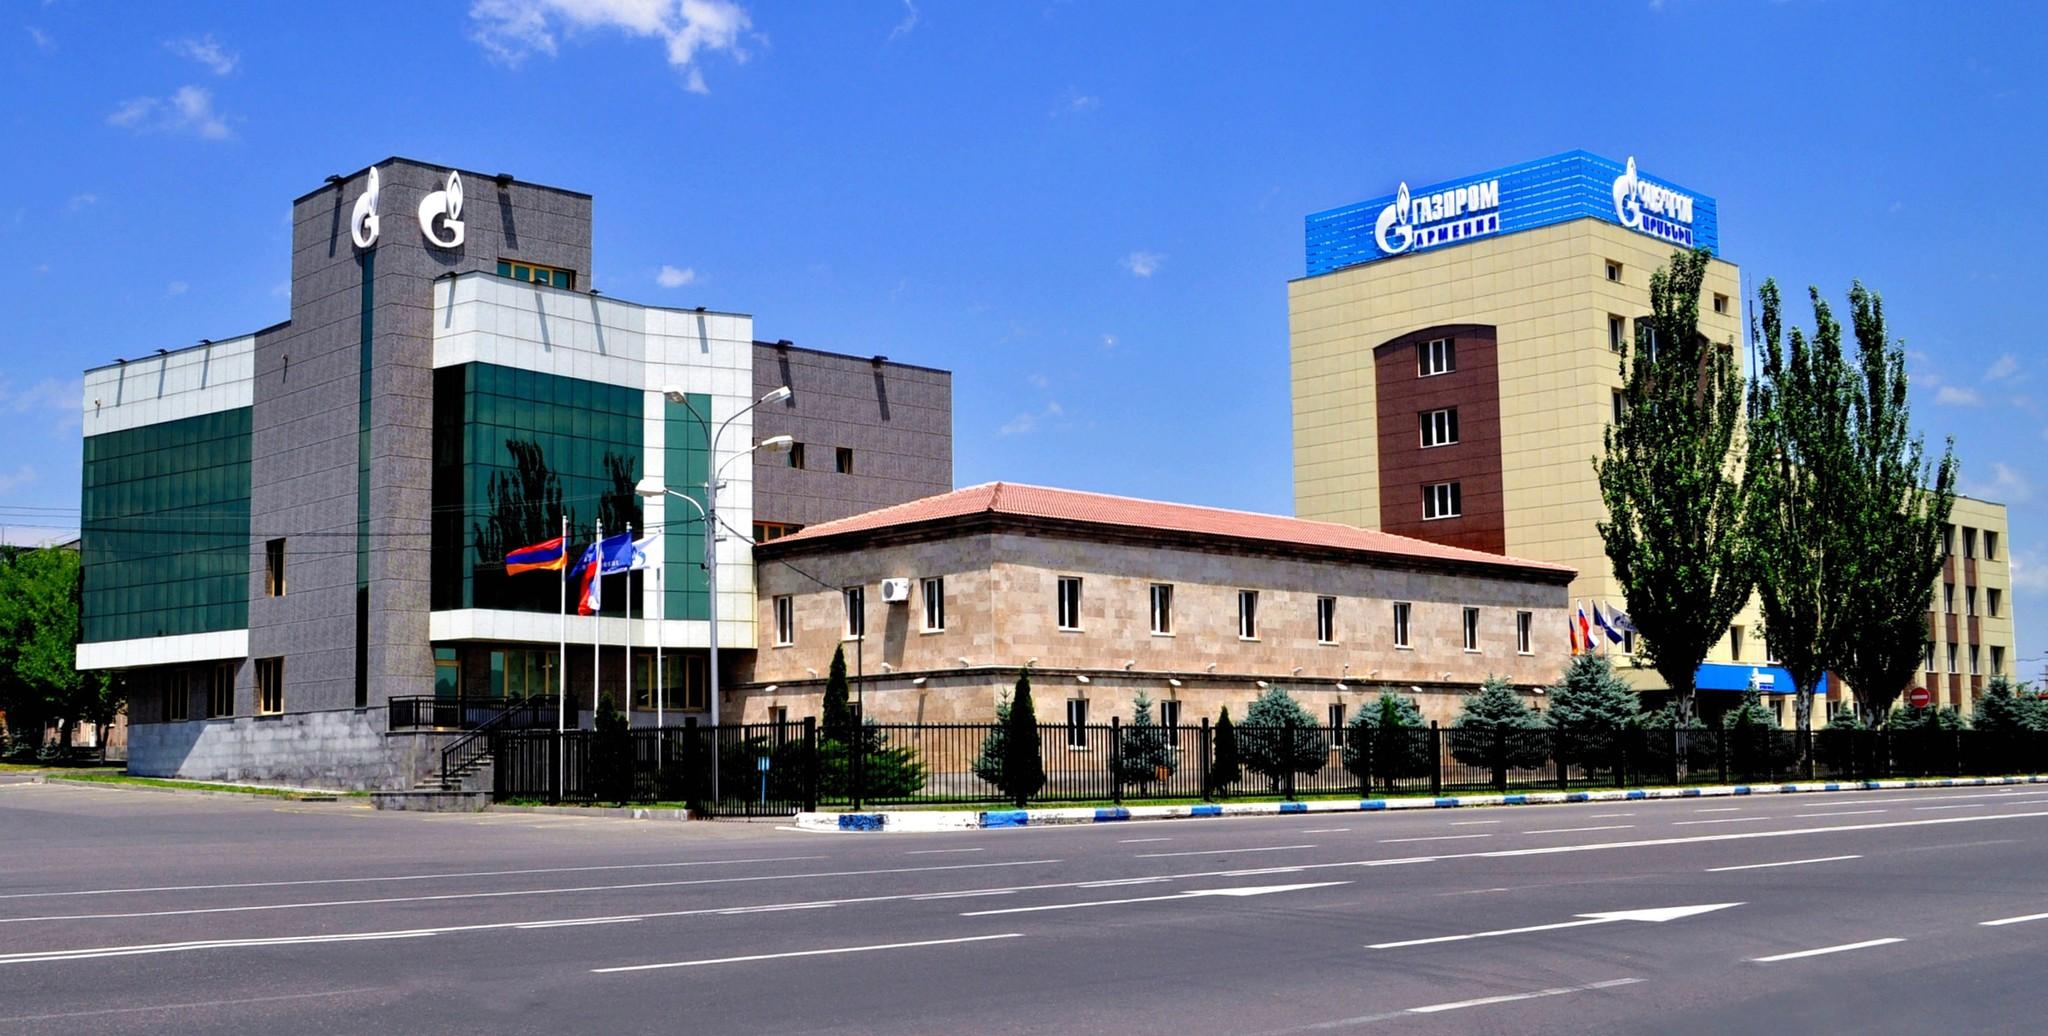 2017-2019թթ. ներդրումային ծրագիրը չի փոխվել. «Գազպրոմ Արմենիայի» պարզաբանումը գազի թանկացման վերաբերյալ հրապարակման մասին